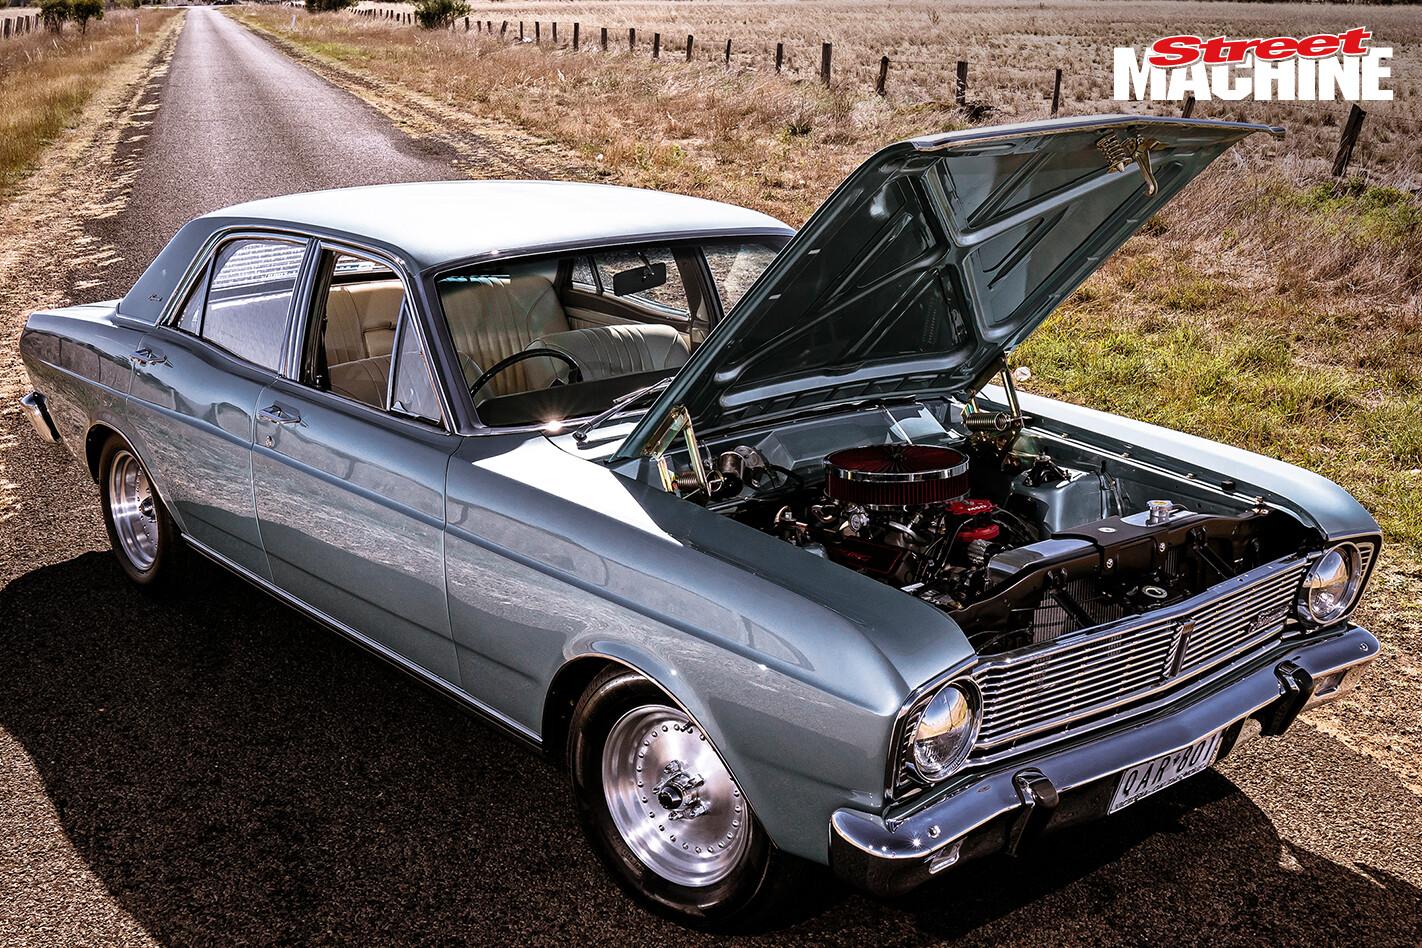 Ford XT Fairmont Jpg